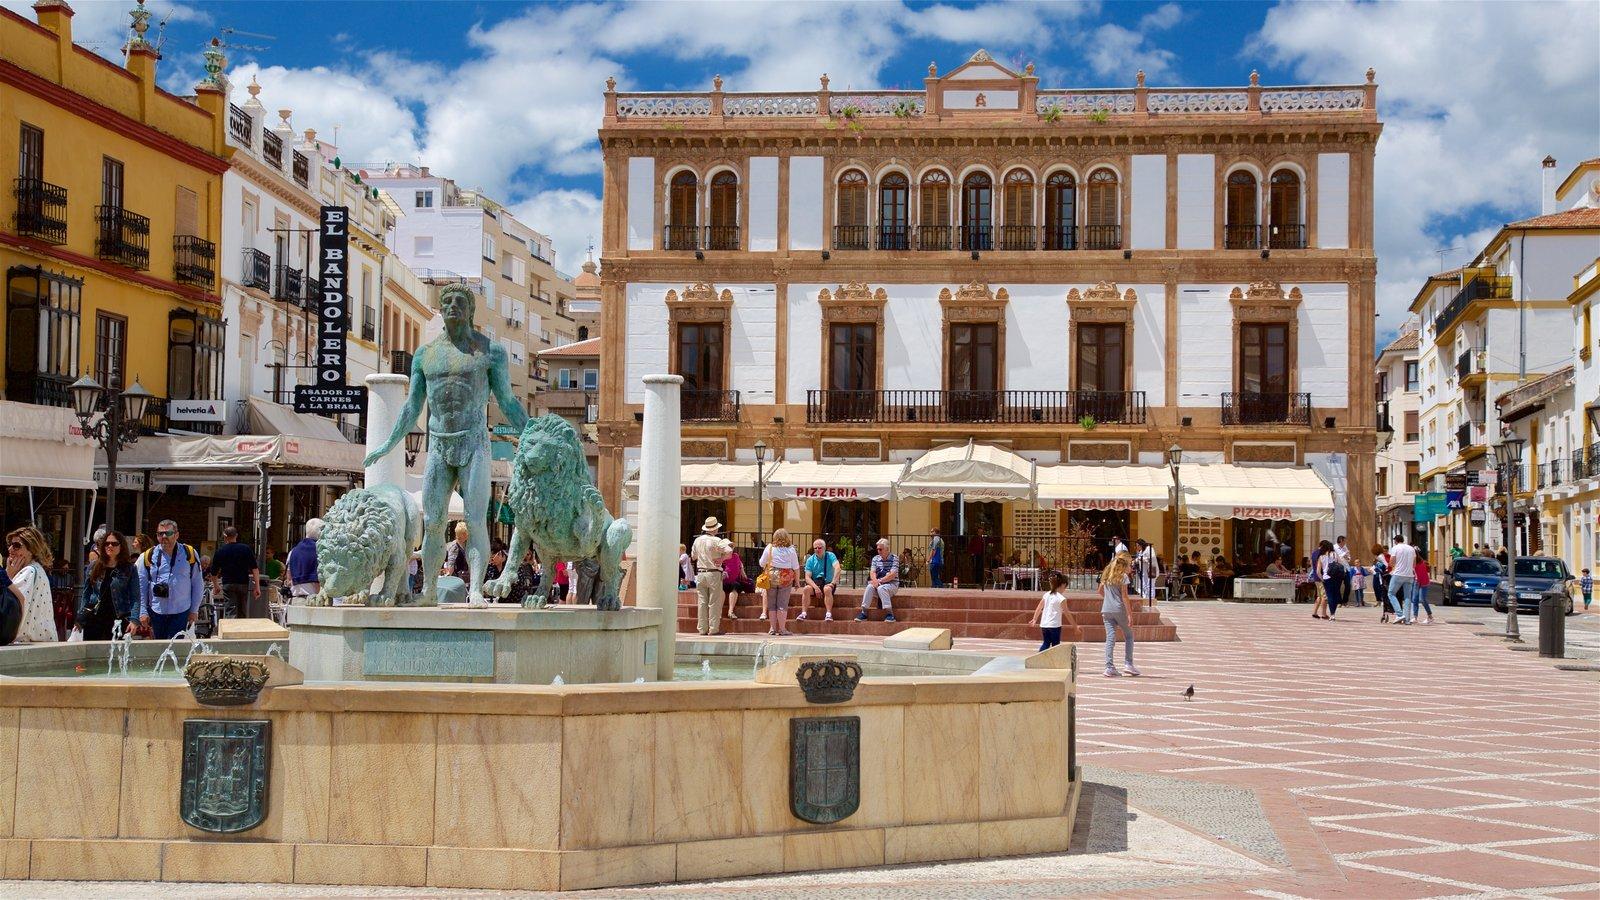 Ronda que inclui uma estátua ou escultura, uma praça ou plaza e uma fonte